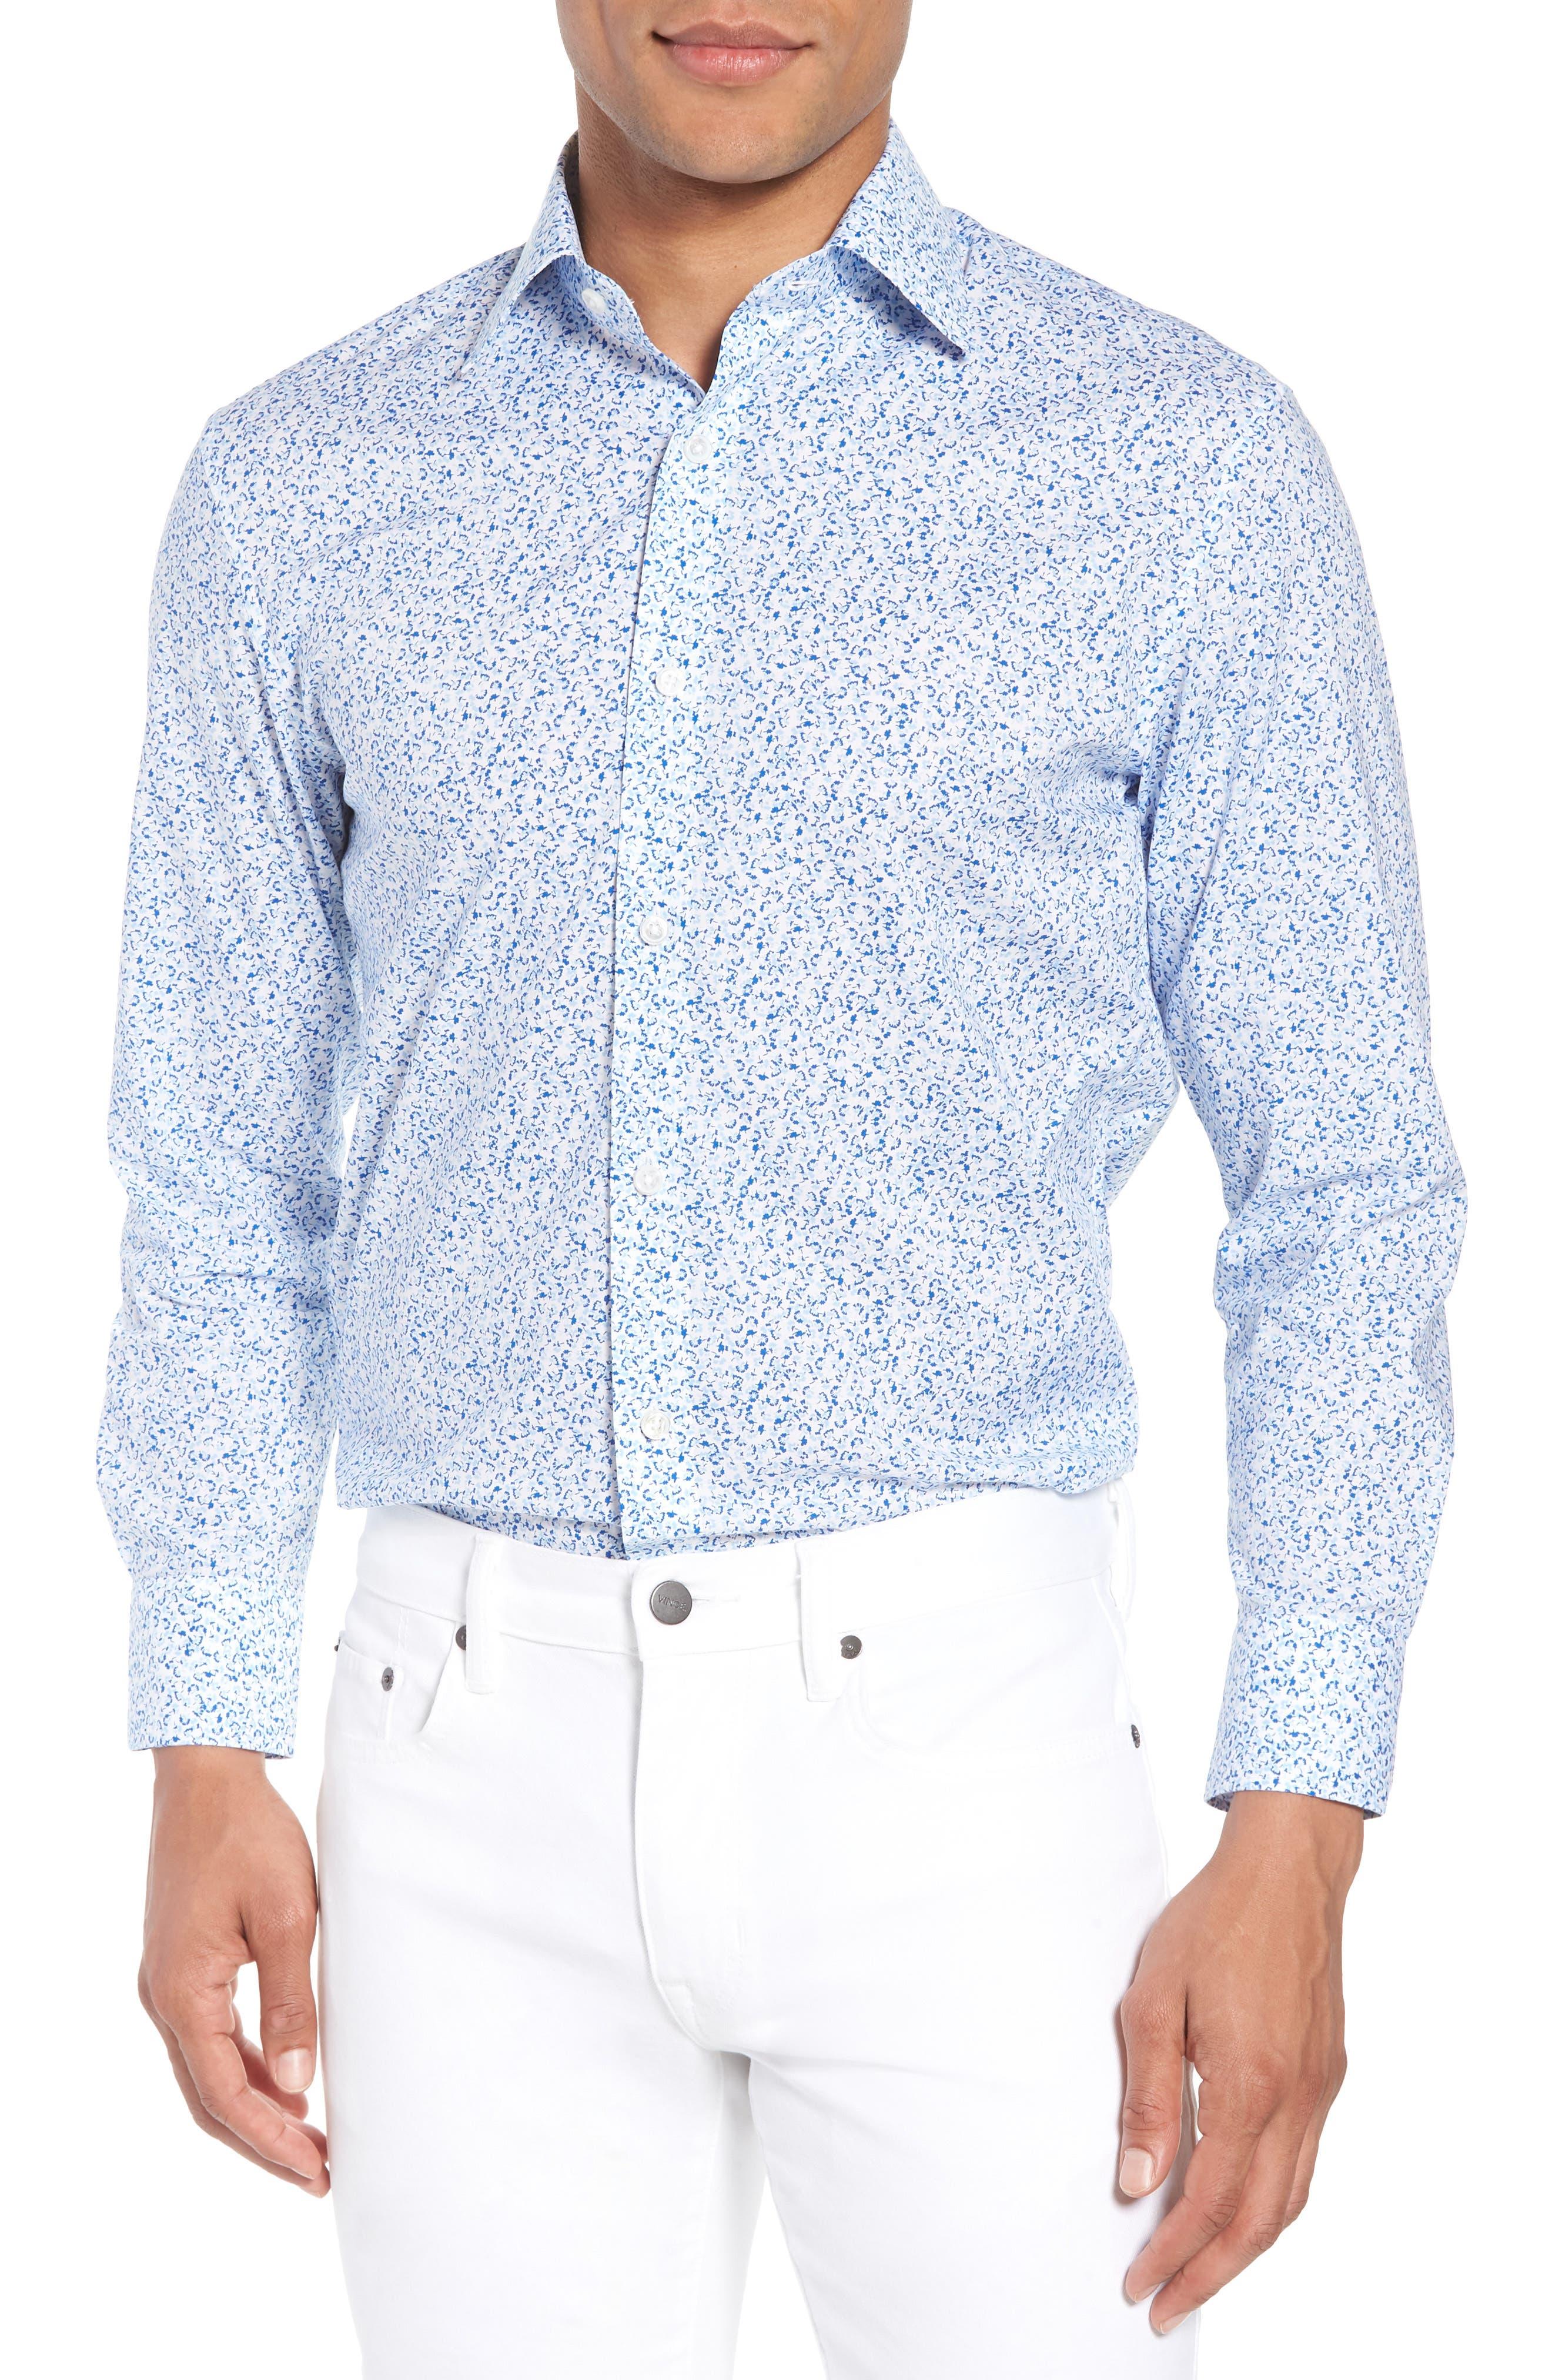 Jetsetter Slim Fit Floral Dress Shirt,                         Main,                         color, Lapis Blue